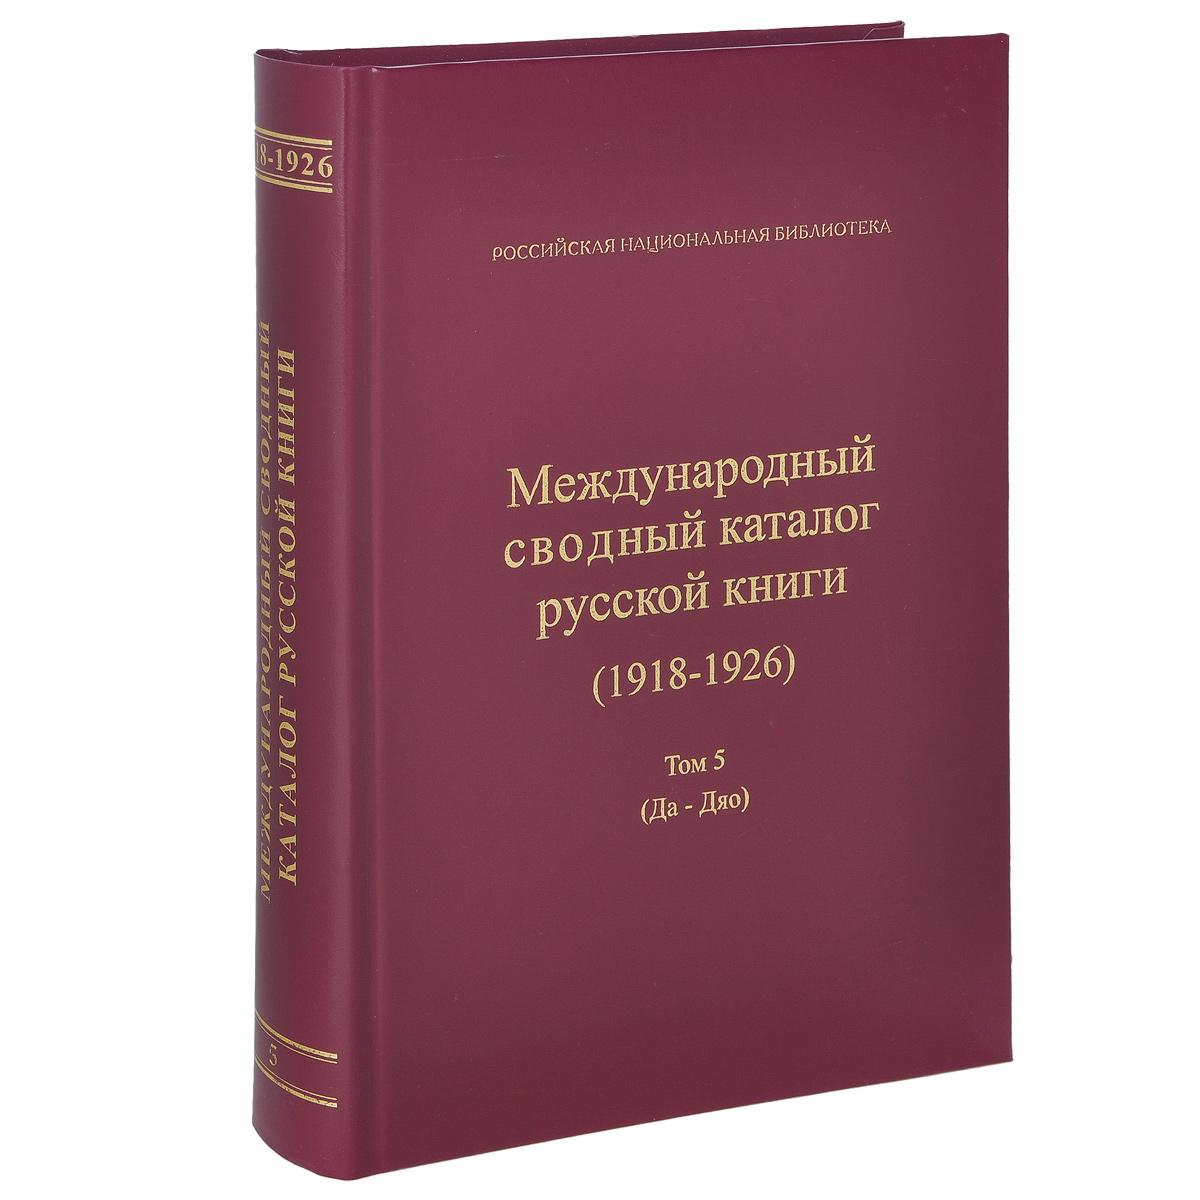 Международный сводный каталог русской книги (1918-1926). Том 5. Да-Дяо